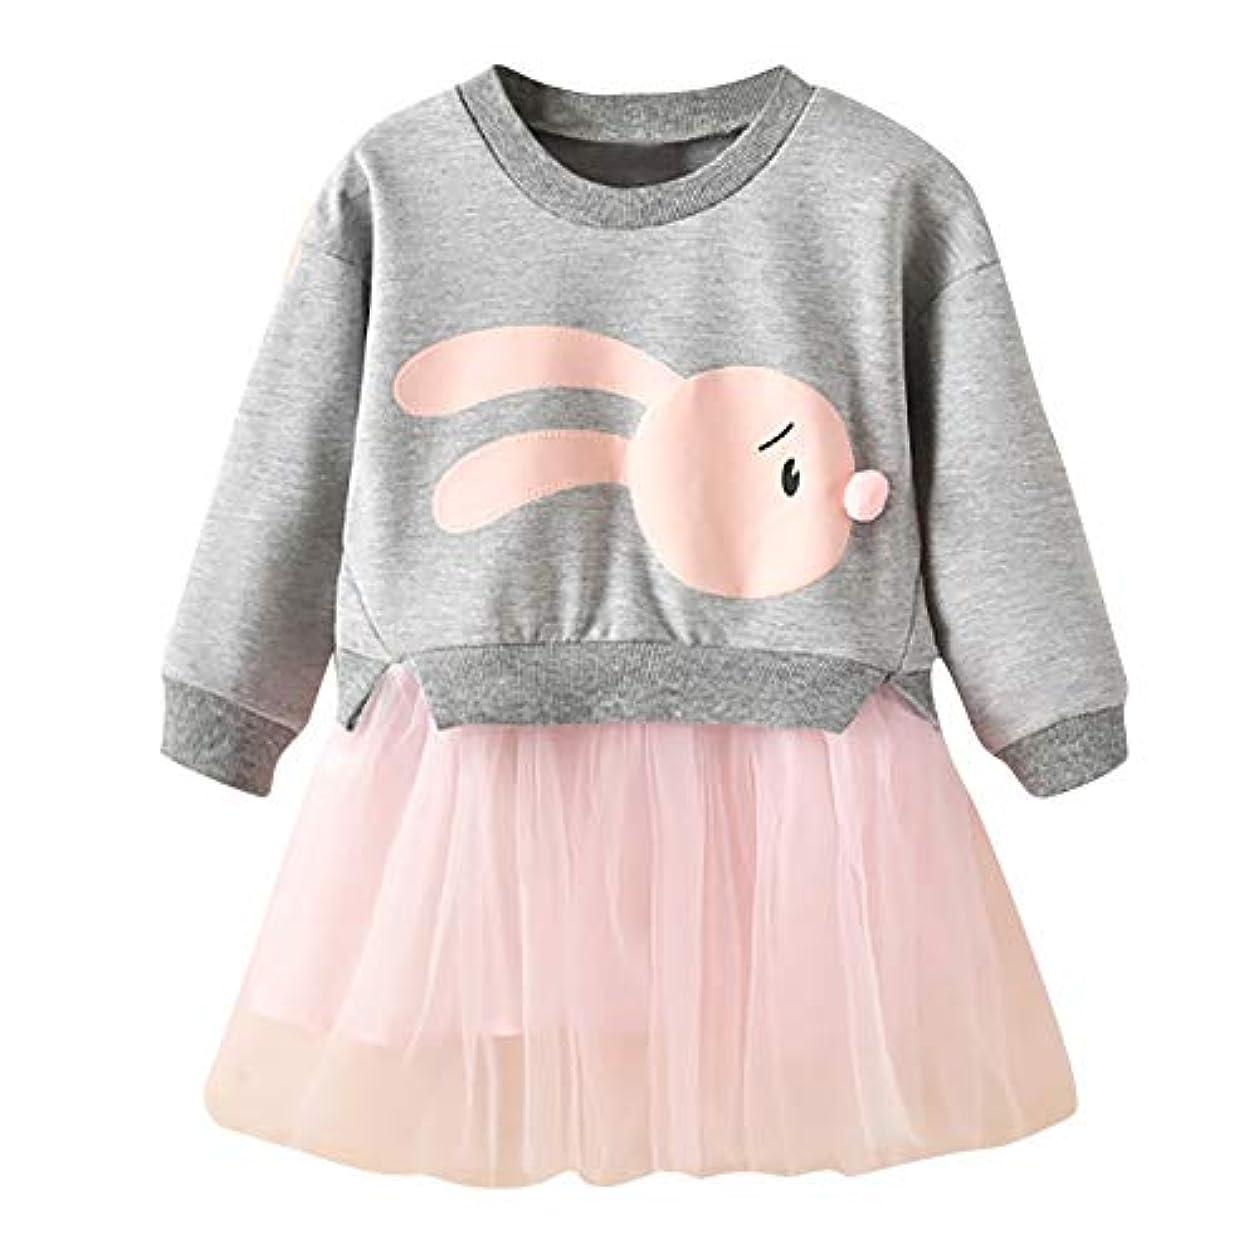 受賞解き明かすメガロポリスOnderroa - 冬の子供服の女の赤ちゃんの漫画のバニープリンセスパッチワークトレーナーチュールドレス服roupaのinfantil